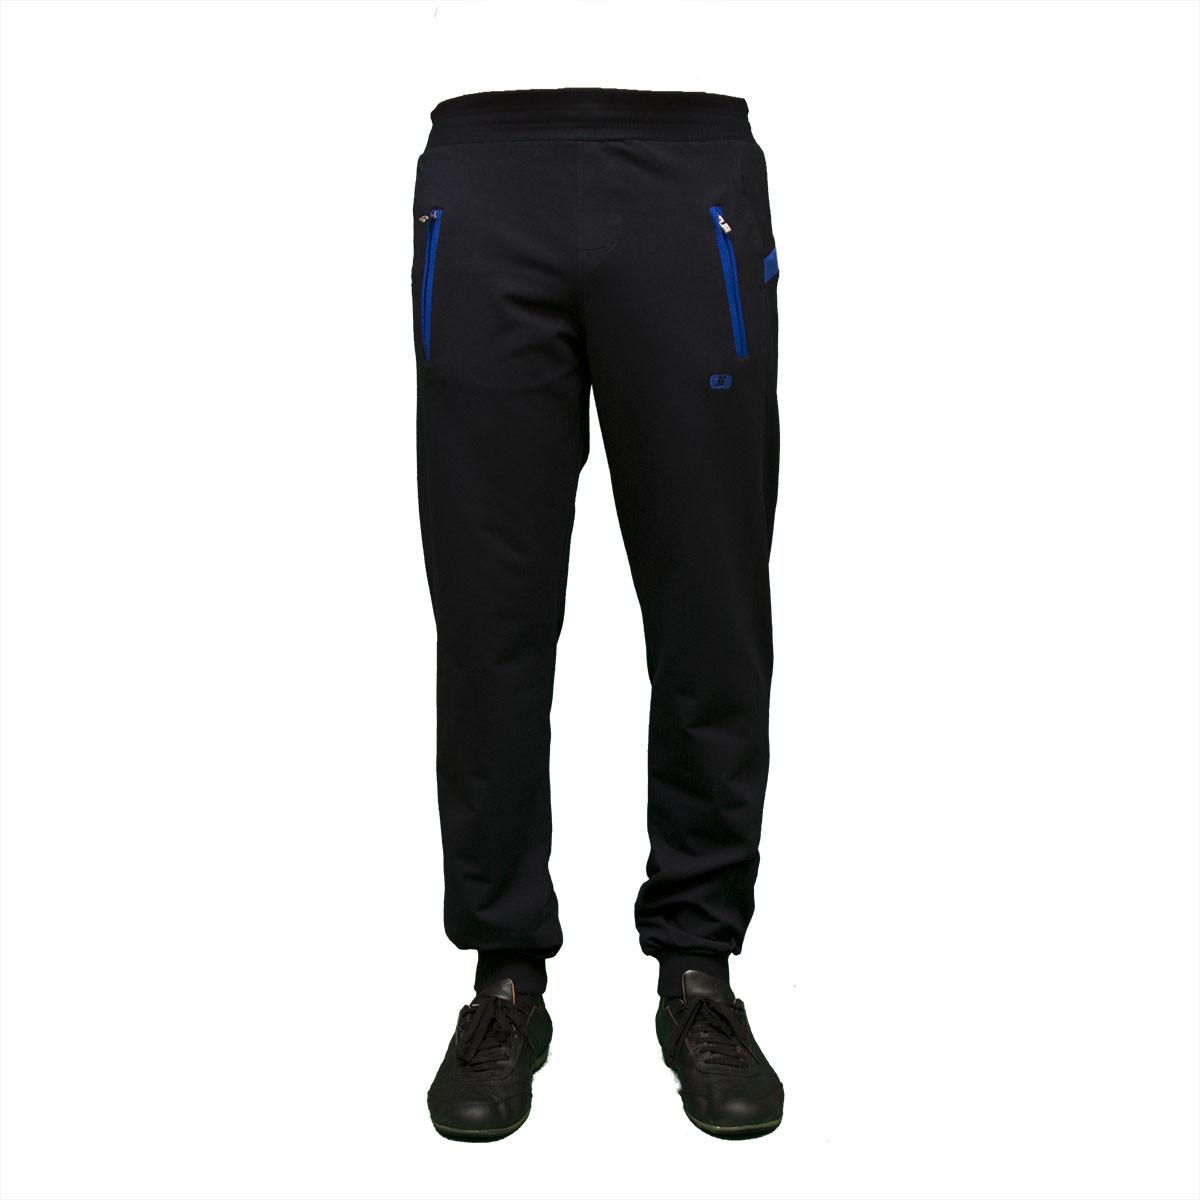 50af05b9 Спортивные штаны под манжет в интернет магазине тм. FORE арт.9291-2 ...